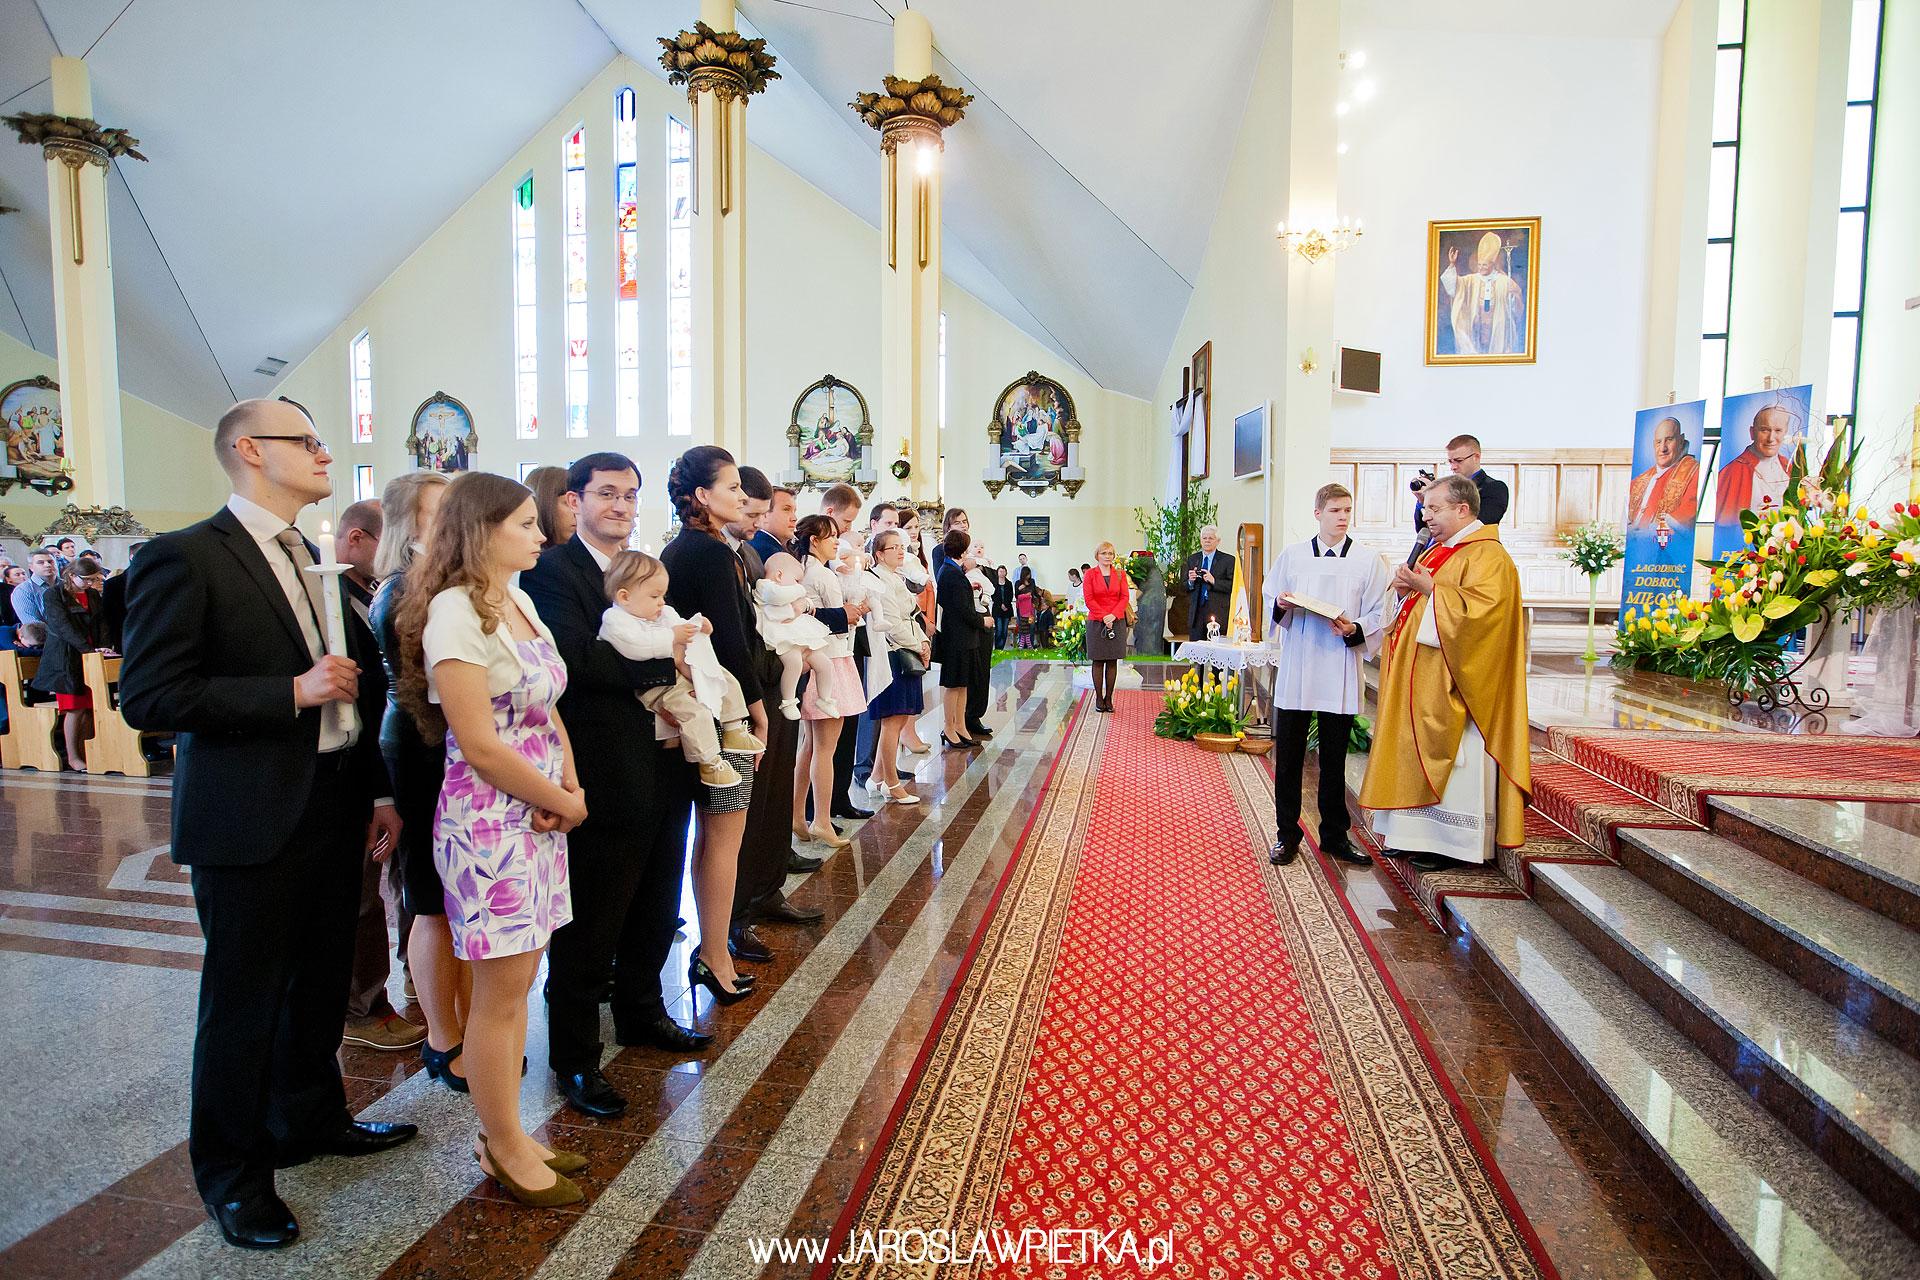 chrzest galeria zdjęć _ zdjęcia z chrztu świętego